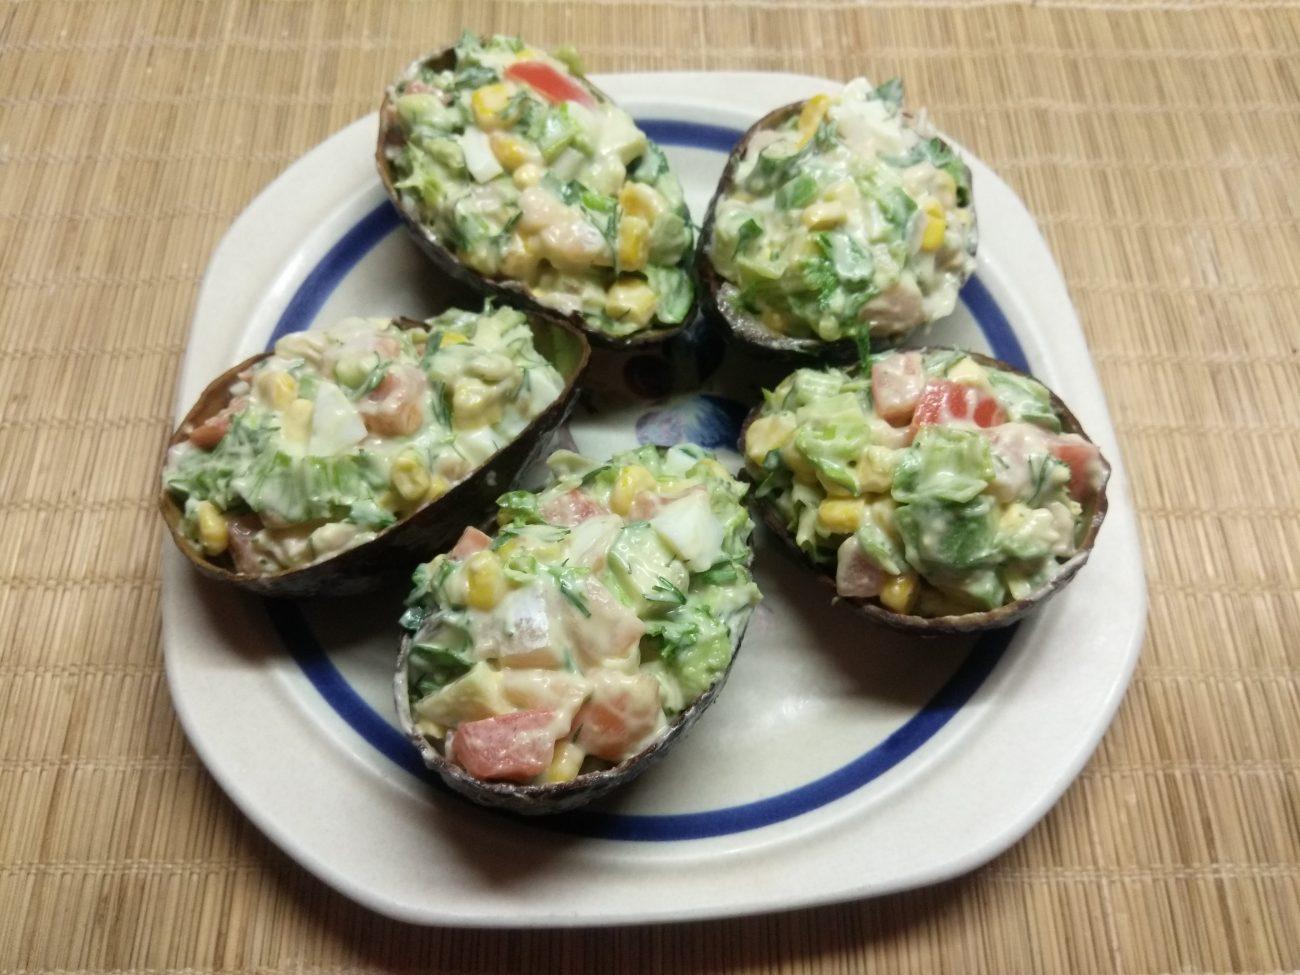 Салат с соленым лососем и кукурузой в чашках авокадо